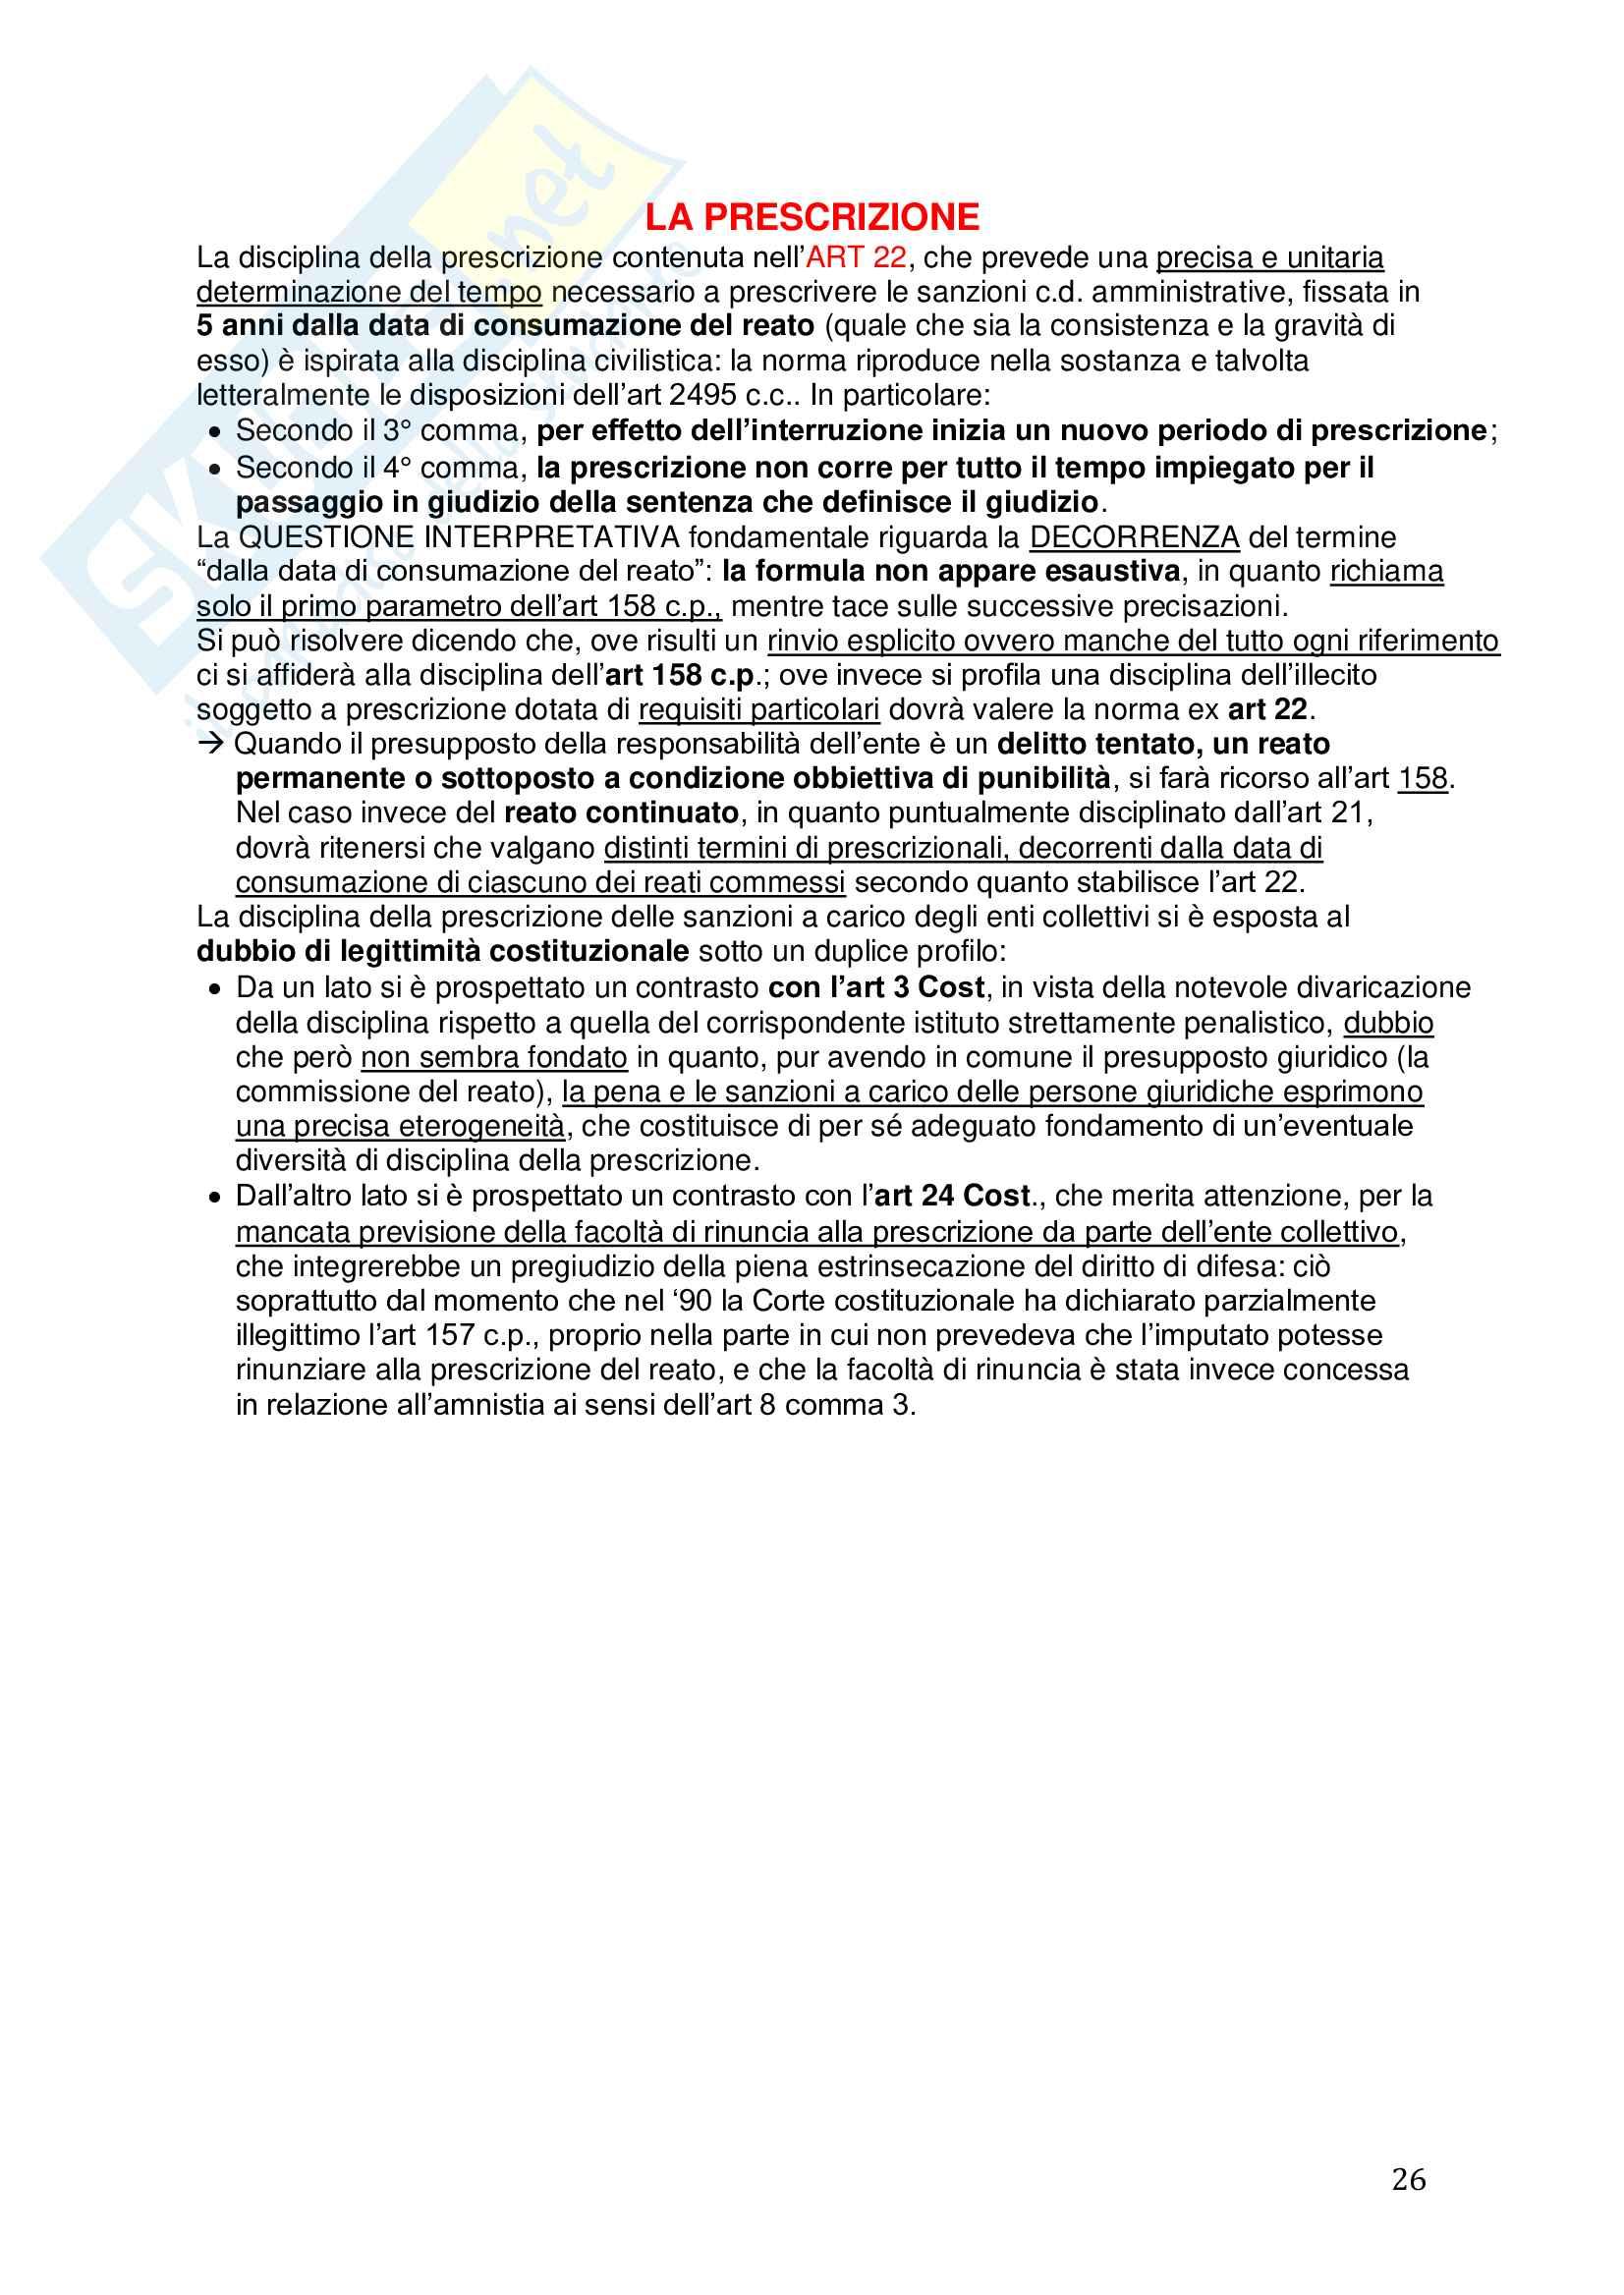 Riassunto esame Diritto, prof. Picotti, libro consigliato La responsabilità penale delle persone giuridiche, De Vero Pag. 26